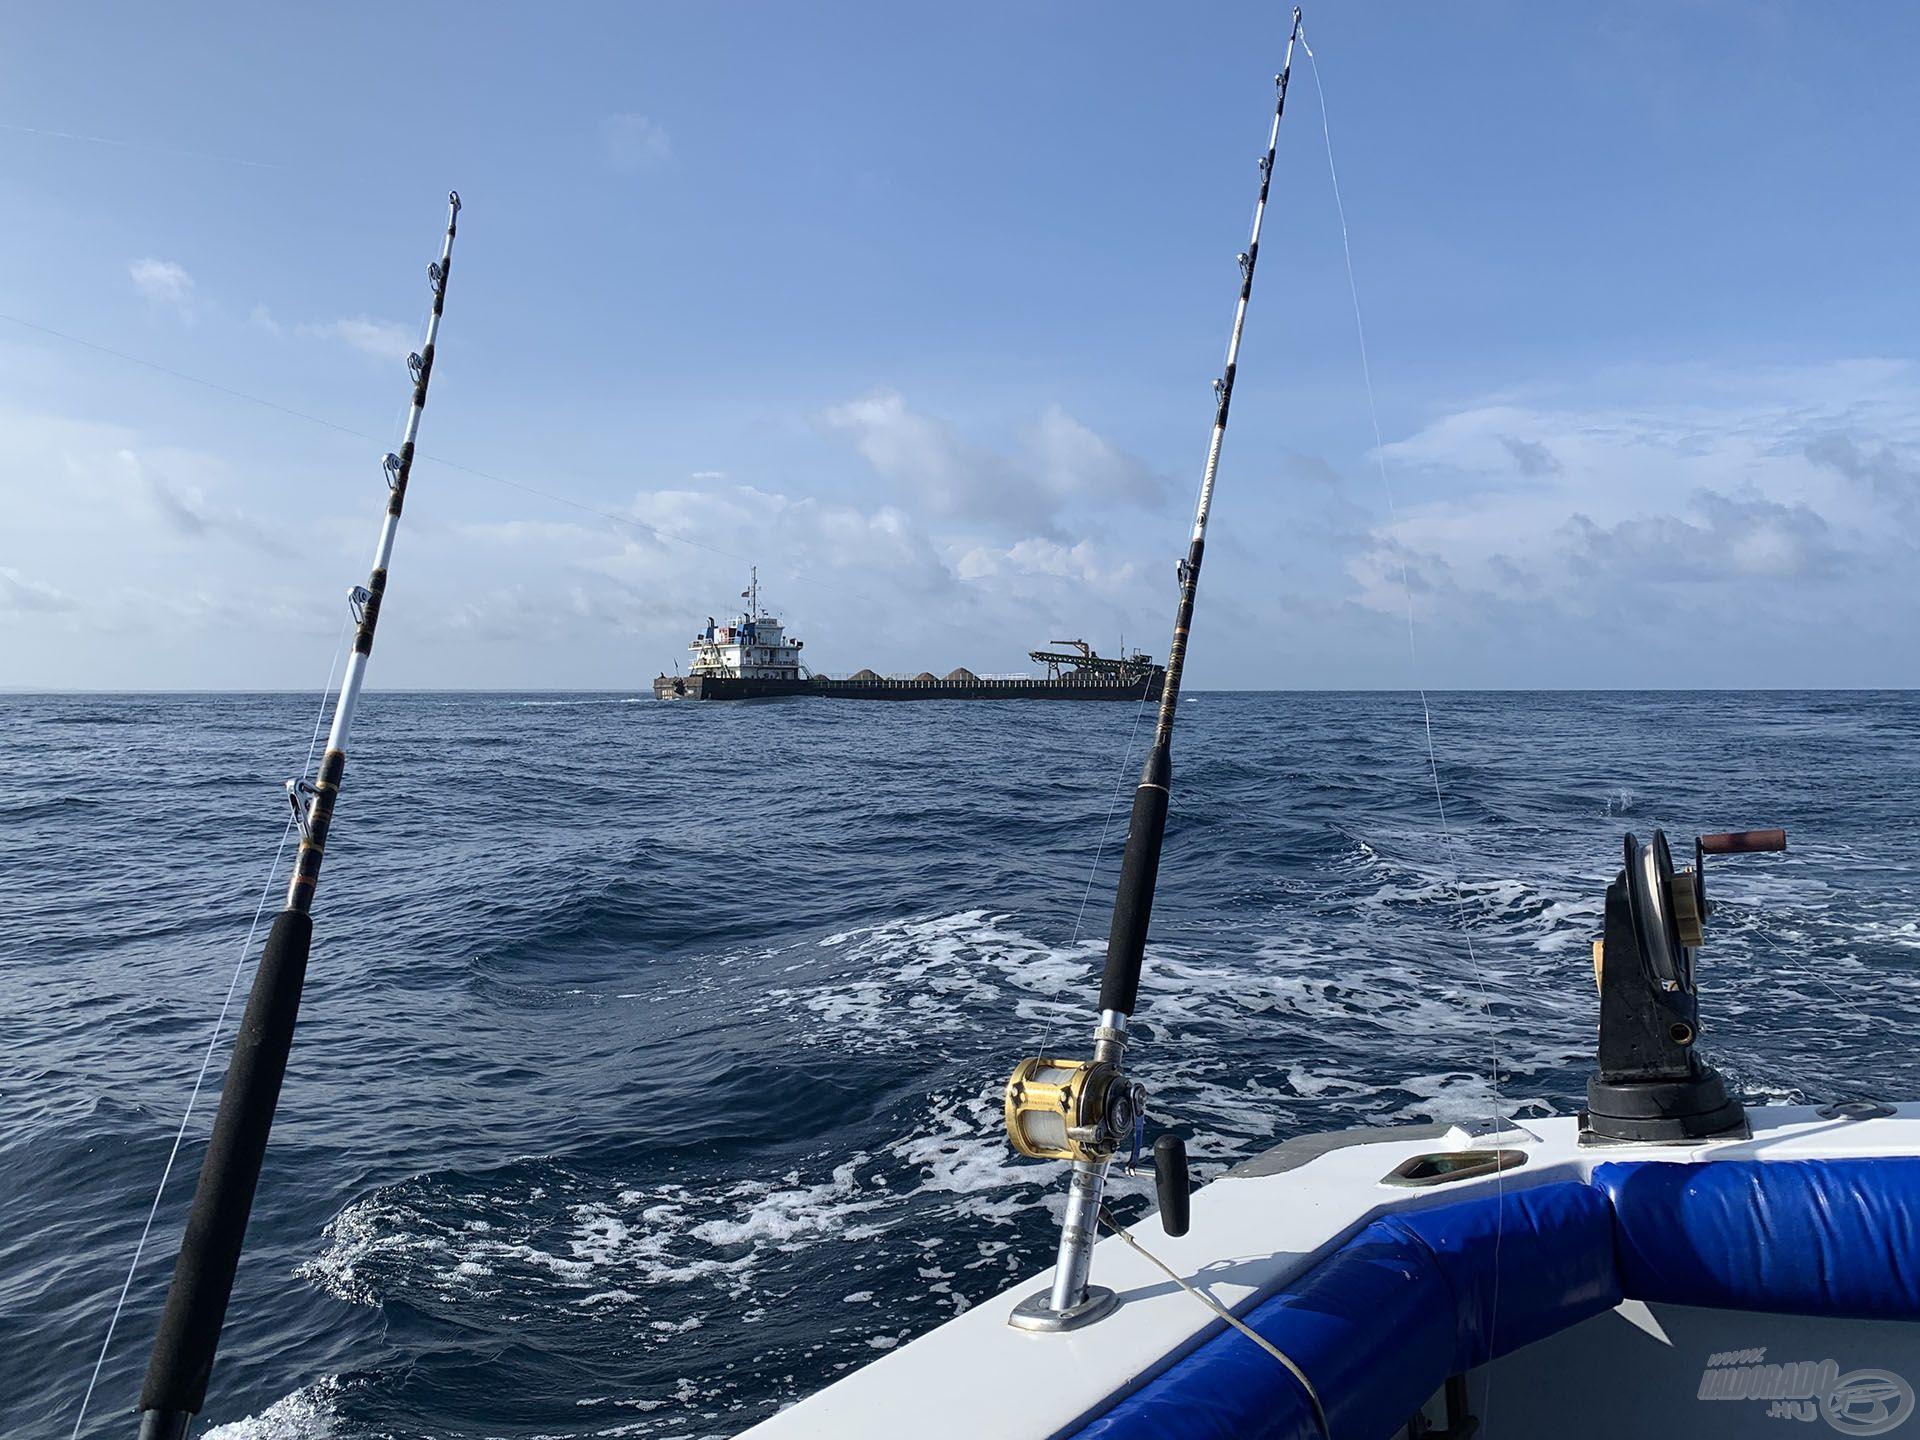 A nagyhalas trollingos cuccok a hajó részei, ezt biztosítják a horgászat során